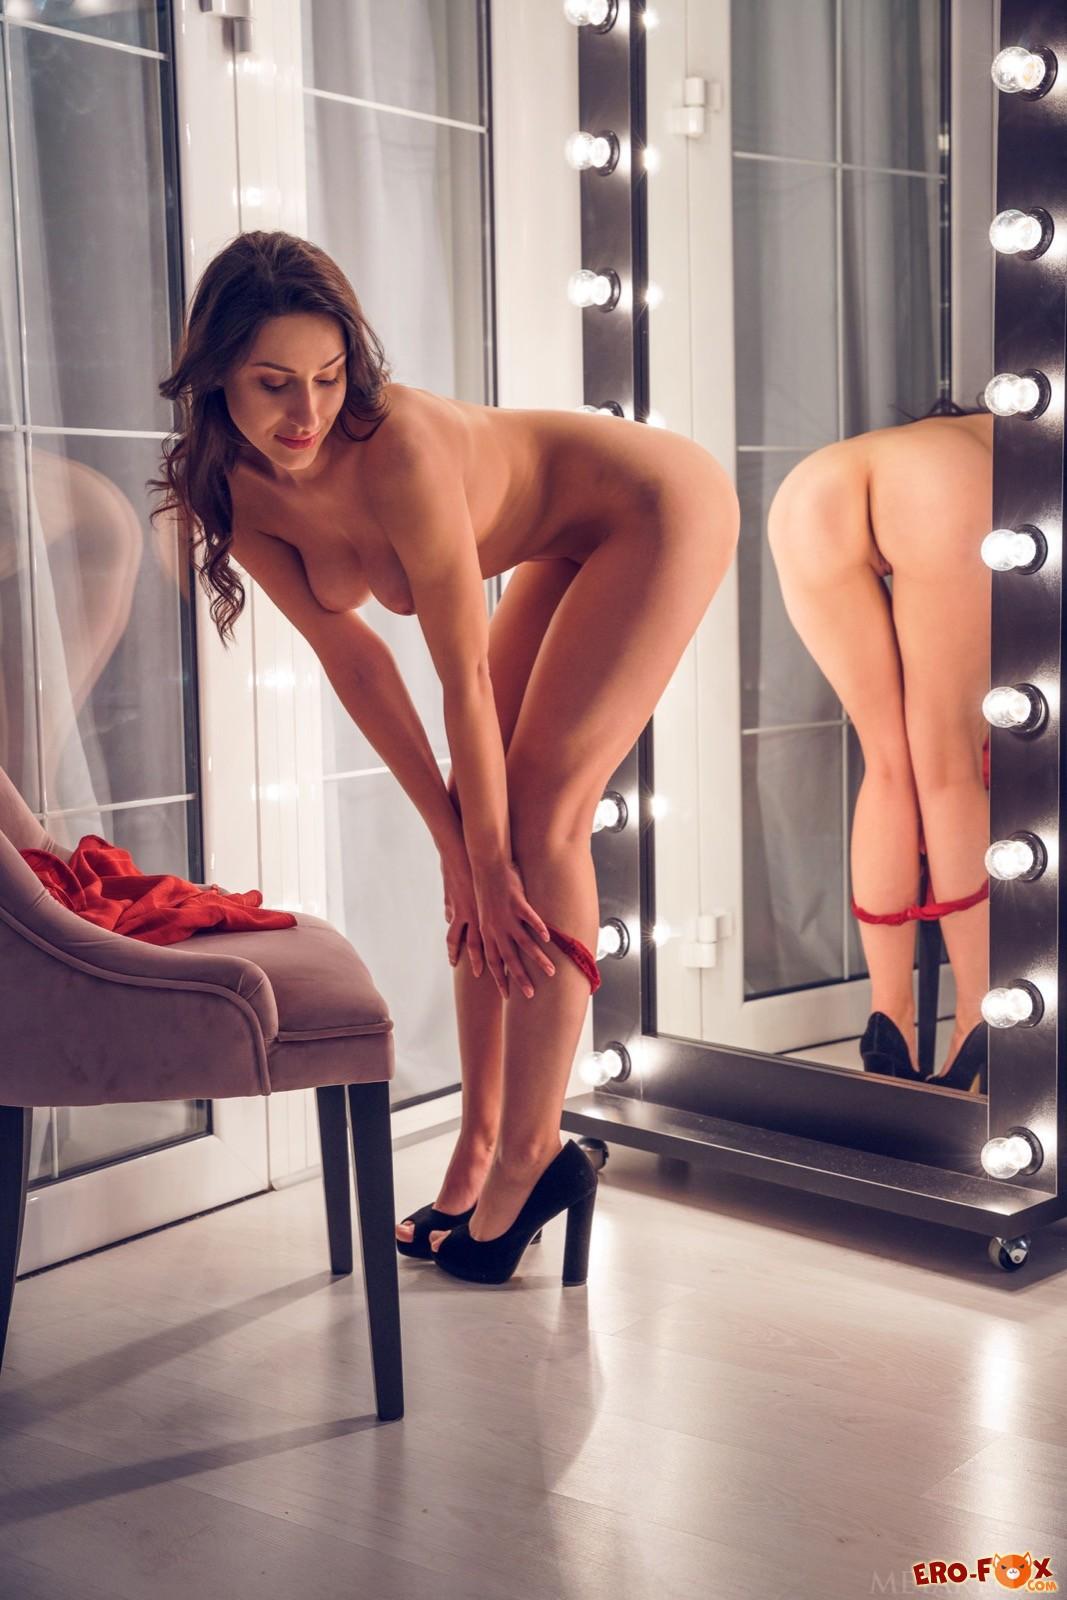 Разделась перед зеркалом и смотрит на голую попу - фото